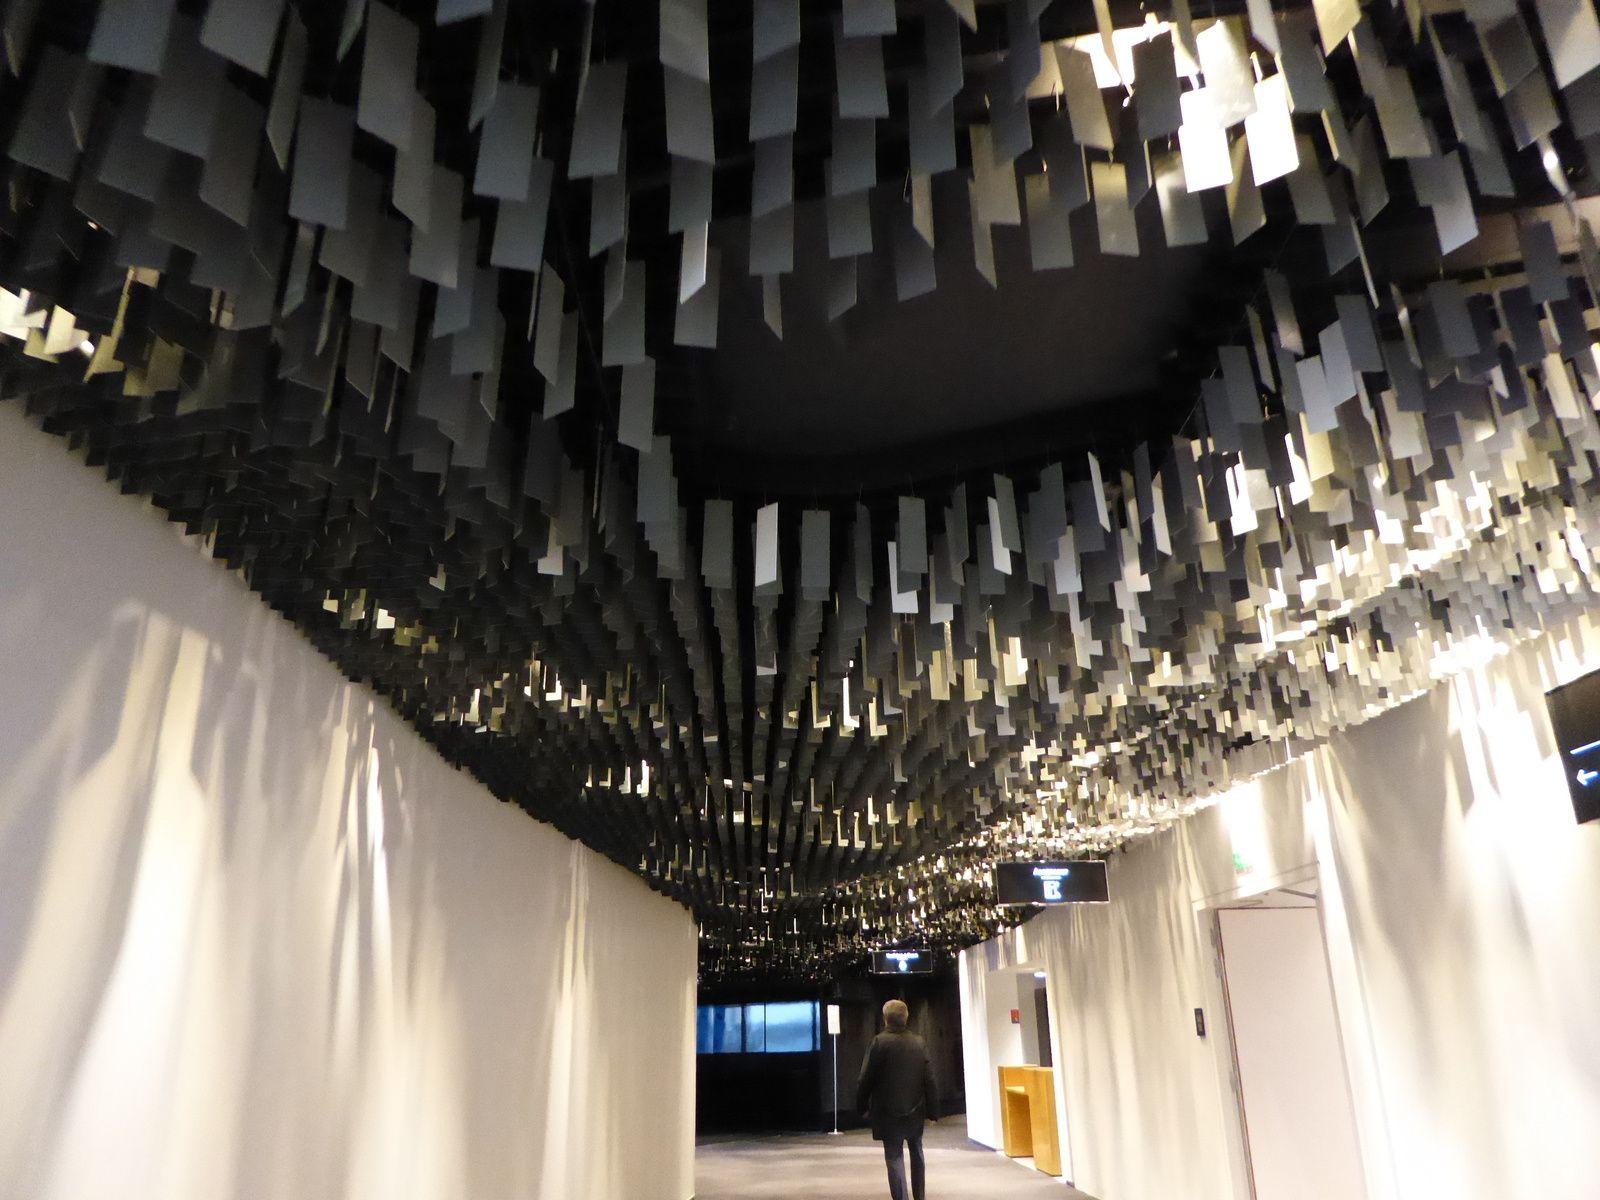 Le hall qui mène à la grande salle où des milliers de plaques métalliques tintinnabulent au gré des souffles d'air...